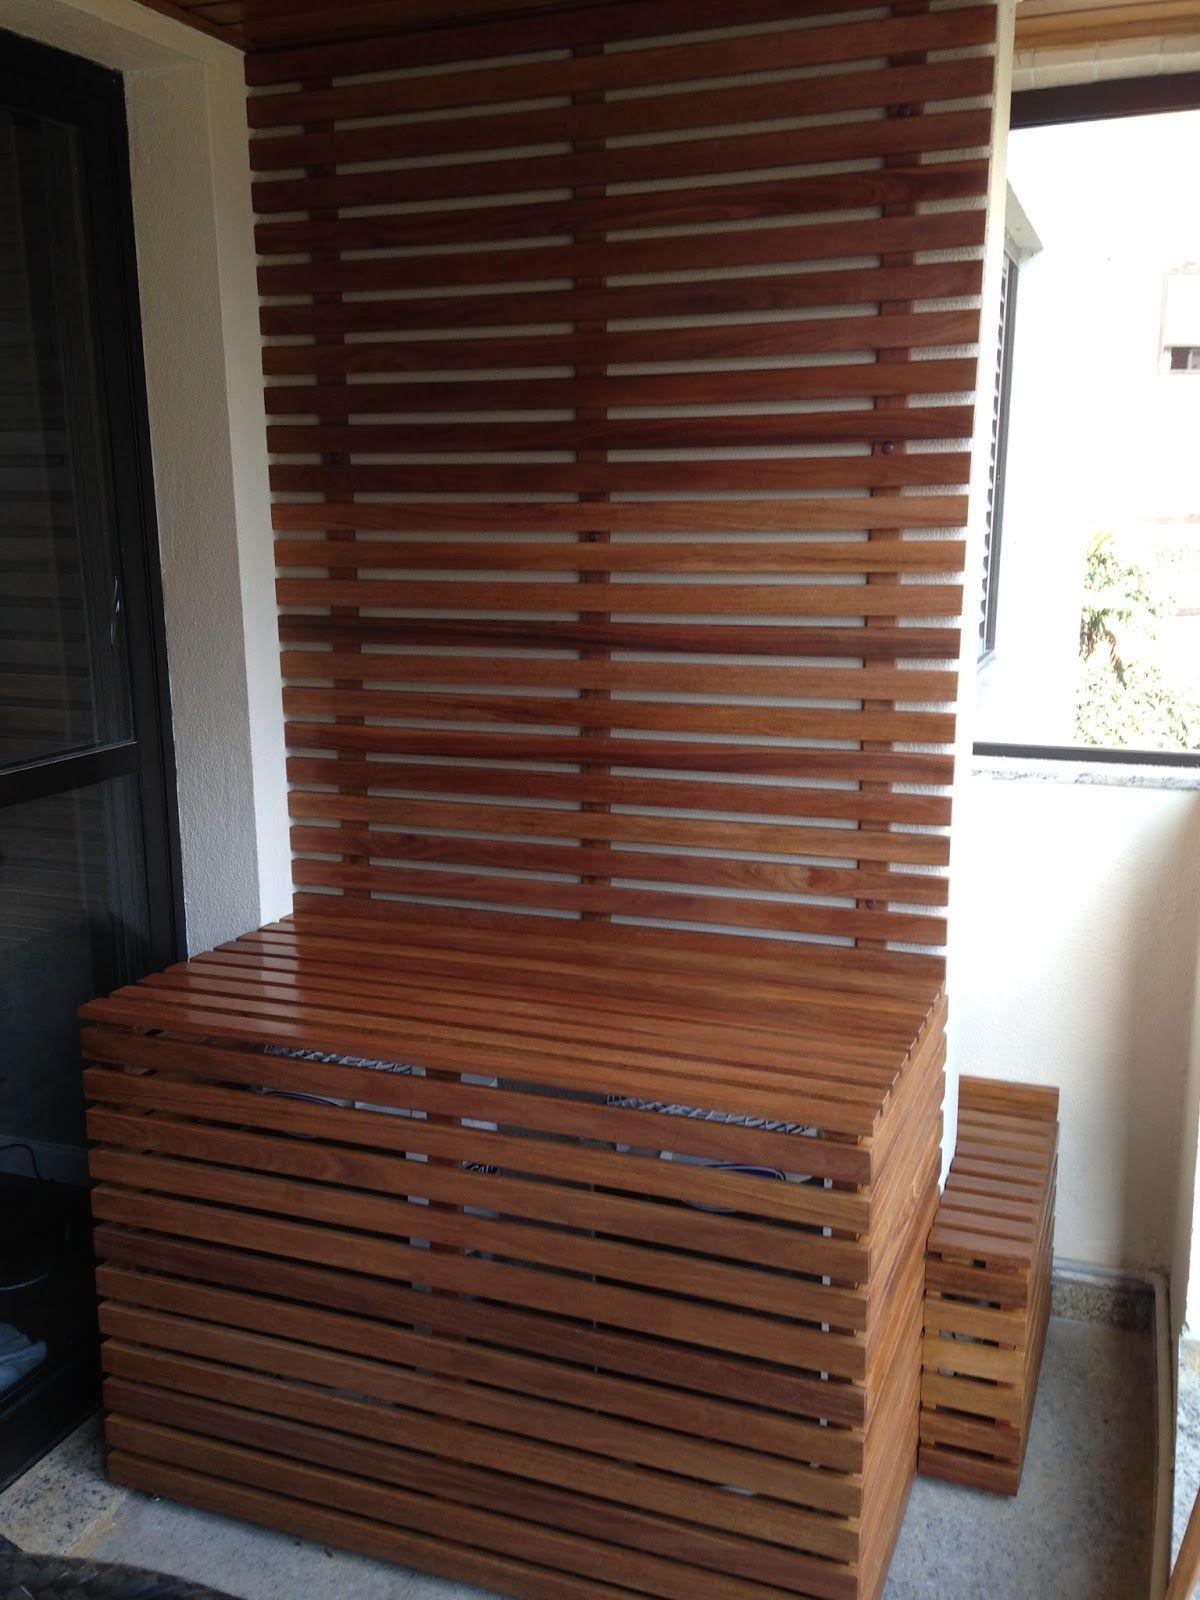 Esconder Janela ~ Atelier do Zero Protetor ar condicionado Caixa de madeira para esconder ar condicionado